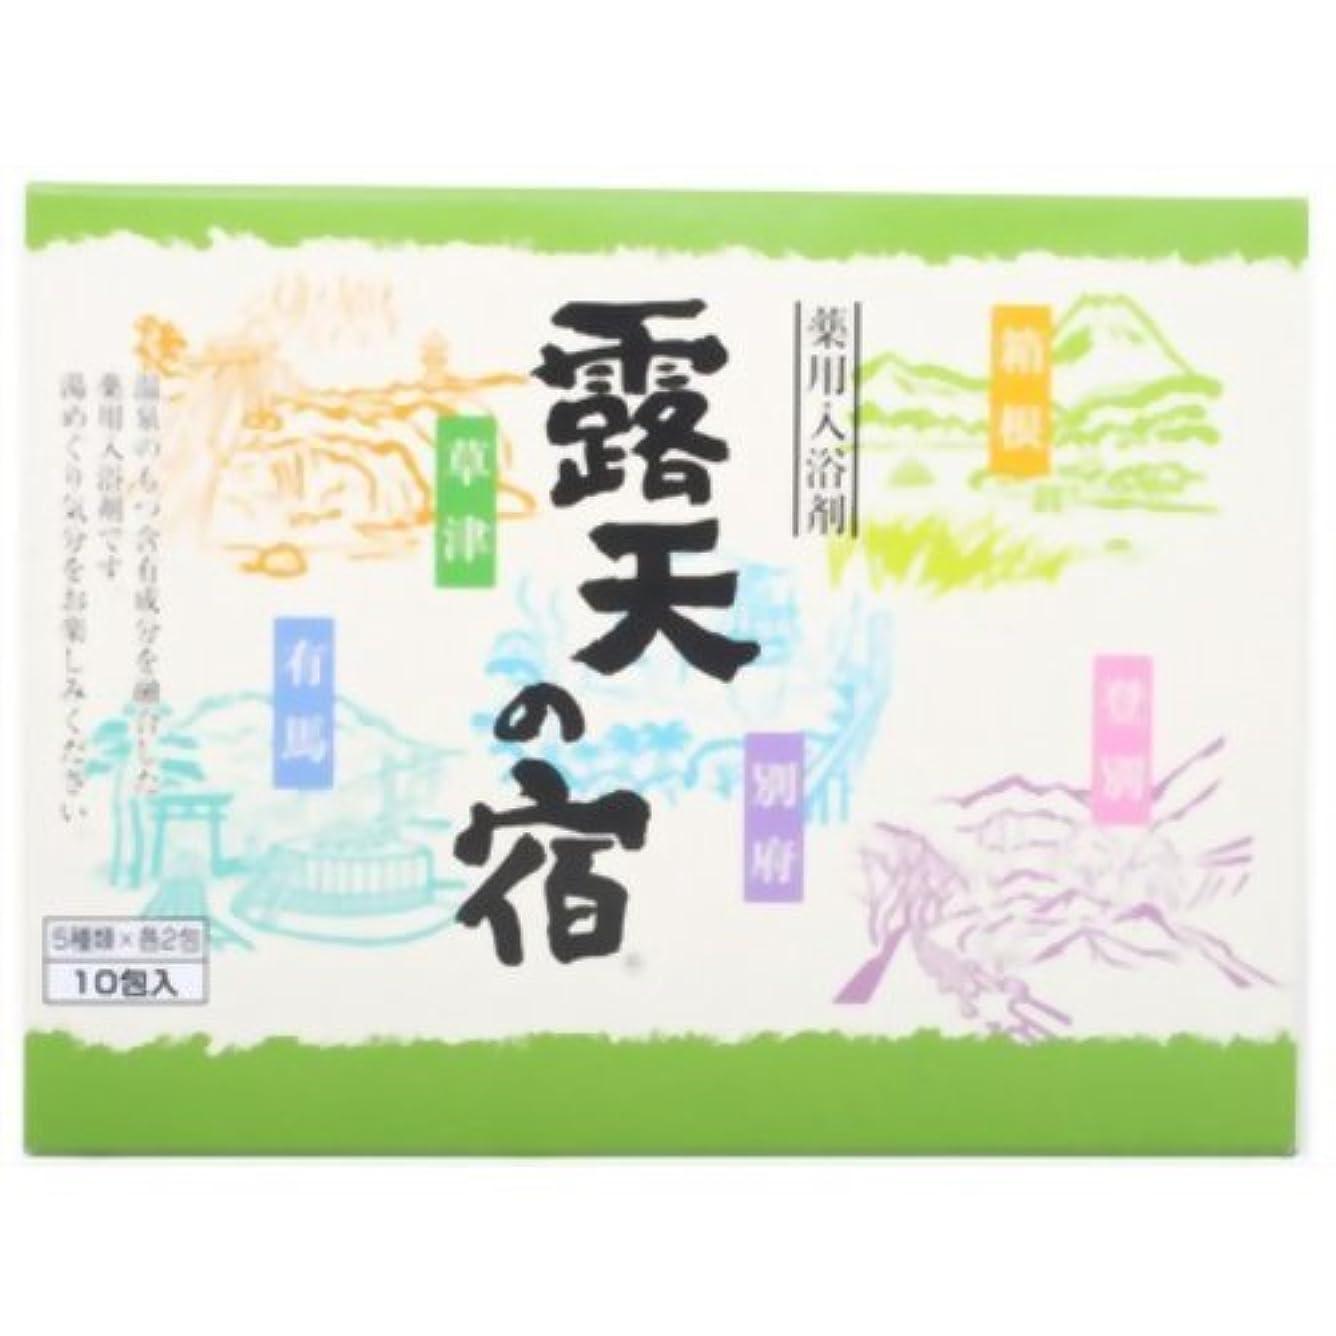 専門用語ローブ促す薬用入浴剤 露天の宿 10包入(5種類*各2包)